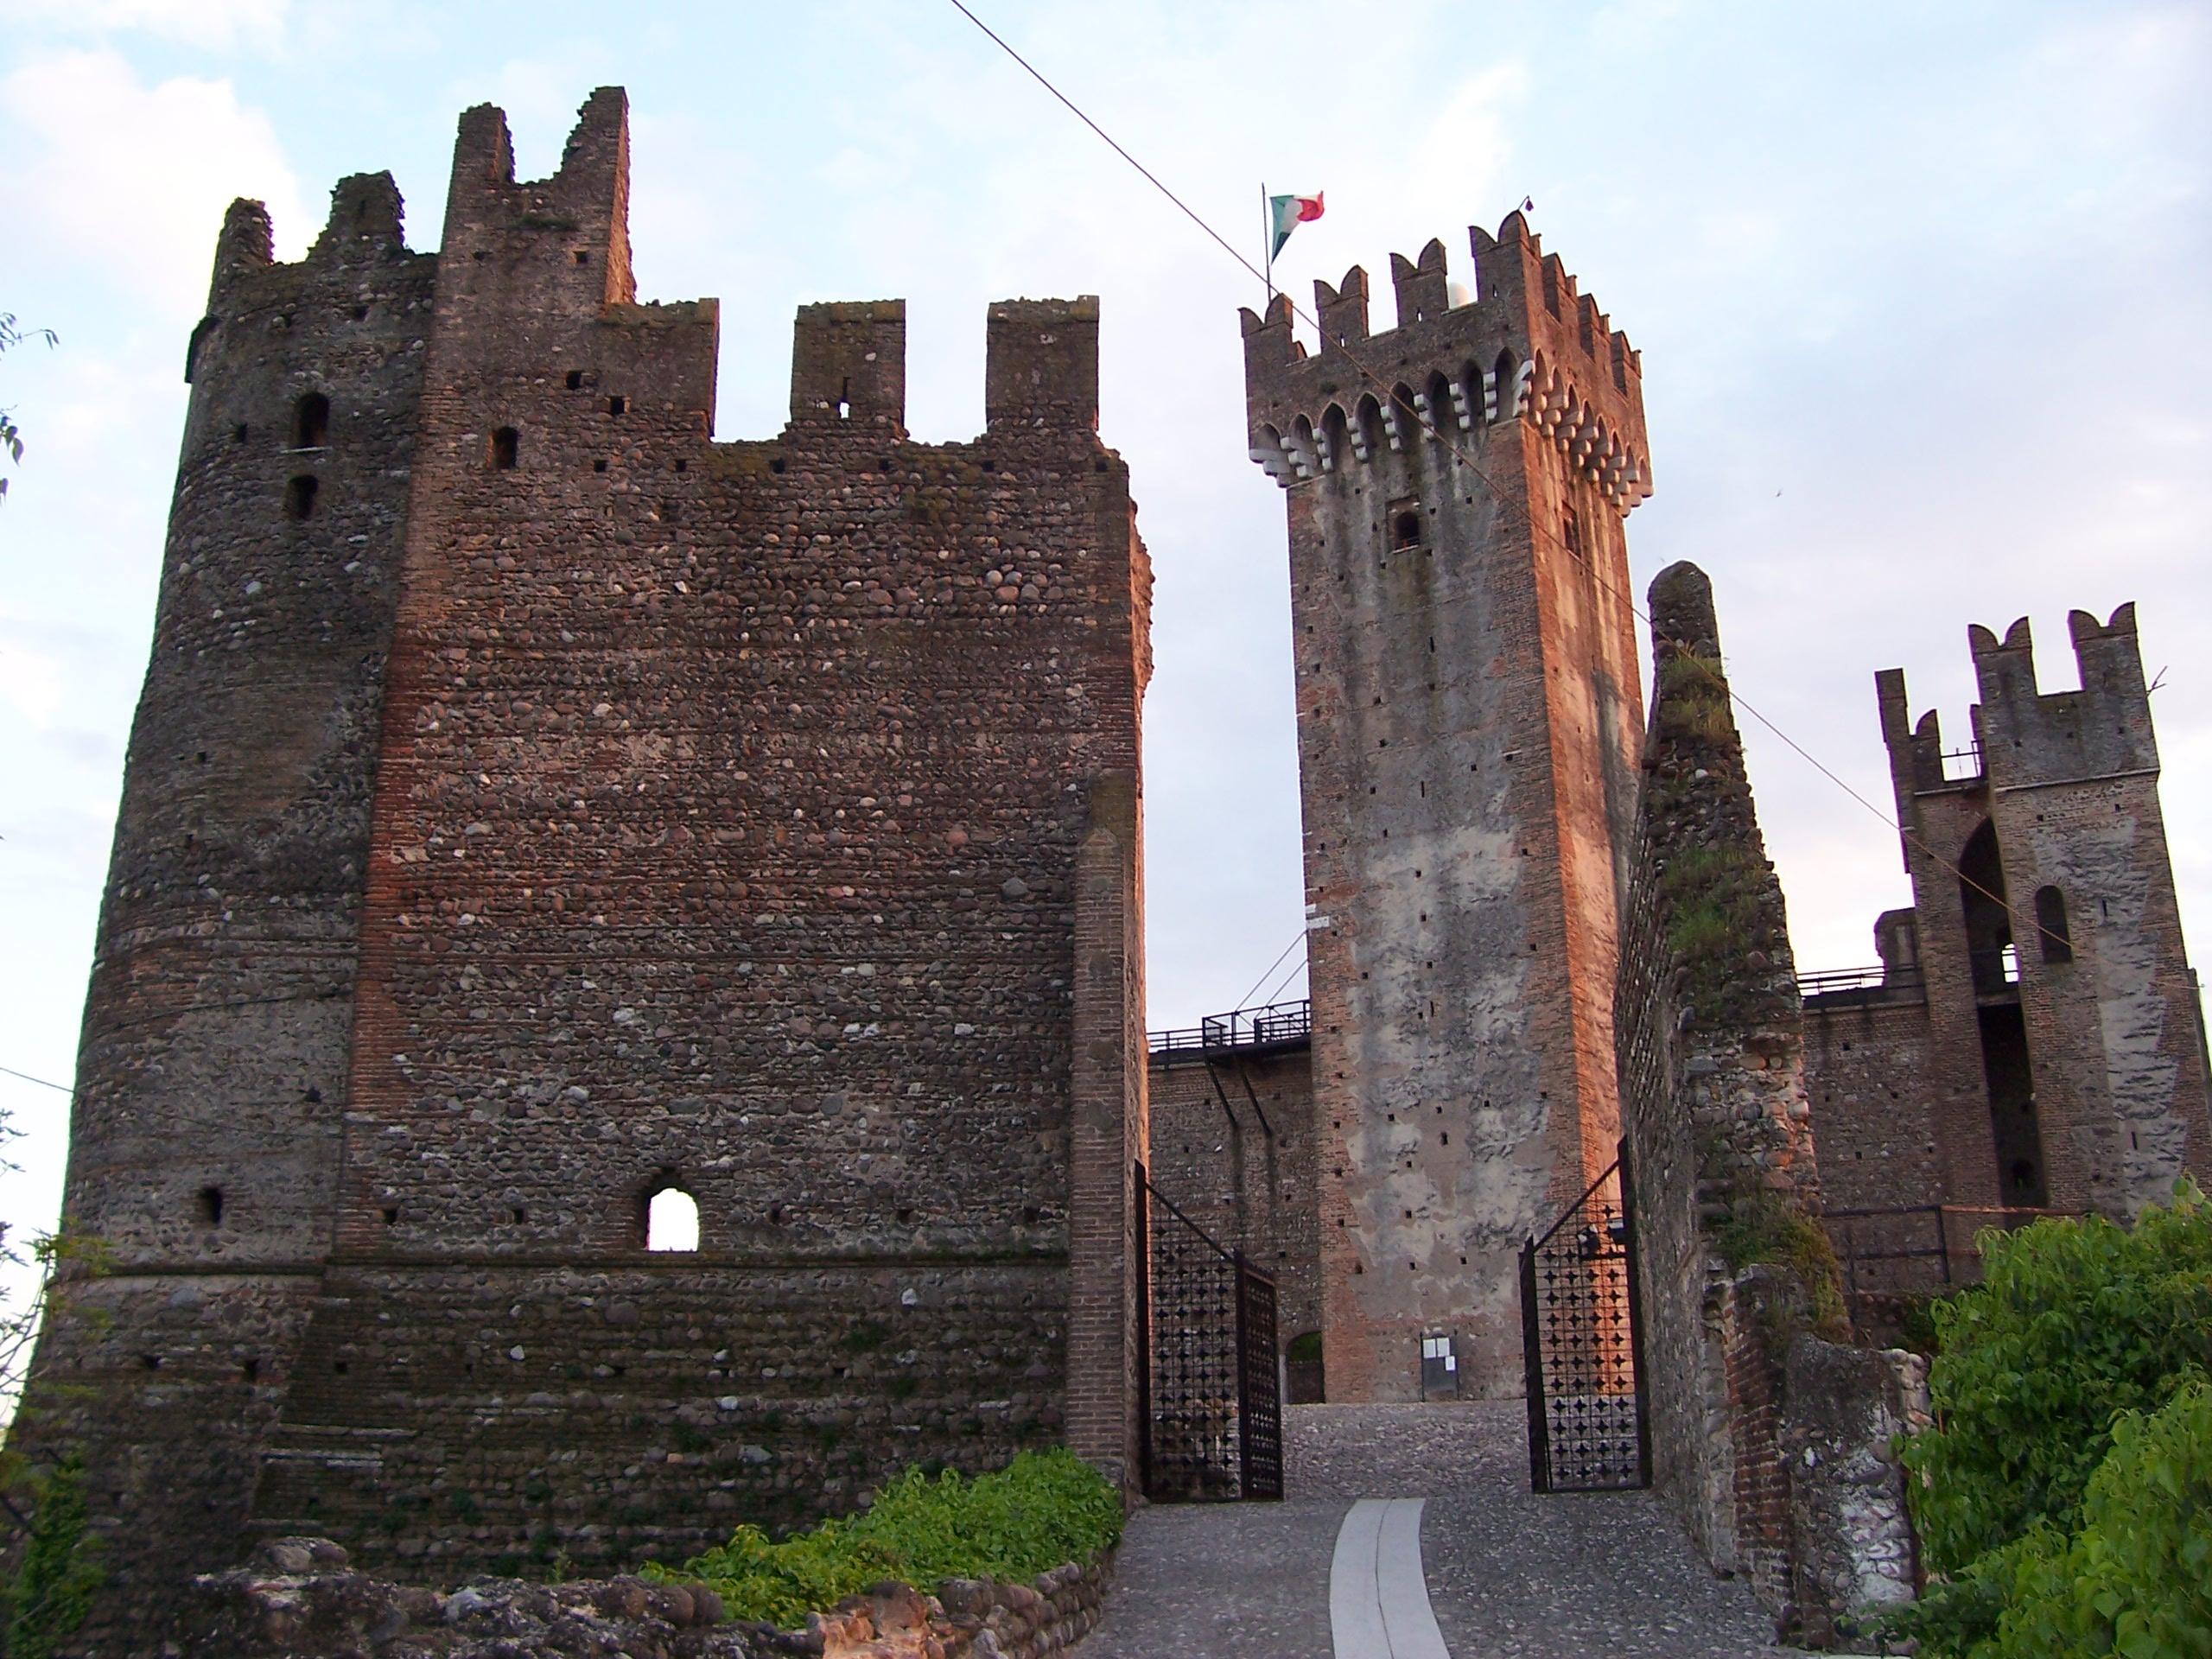 File:Castello di Valeggio sul Mincio.jpg - Wikimedia Commons